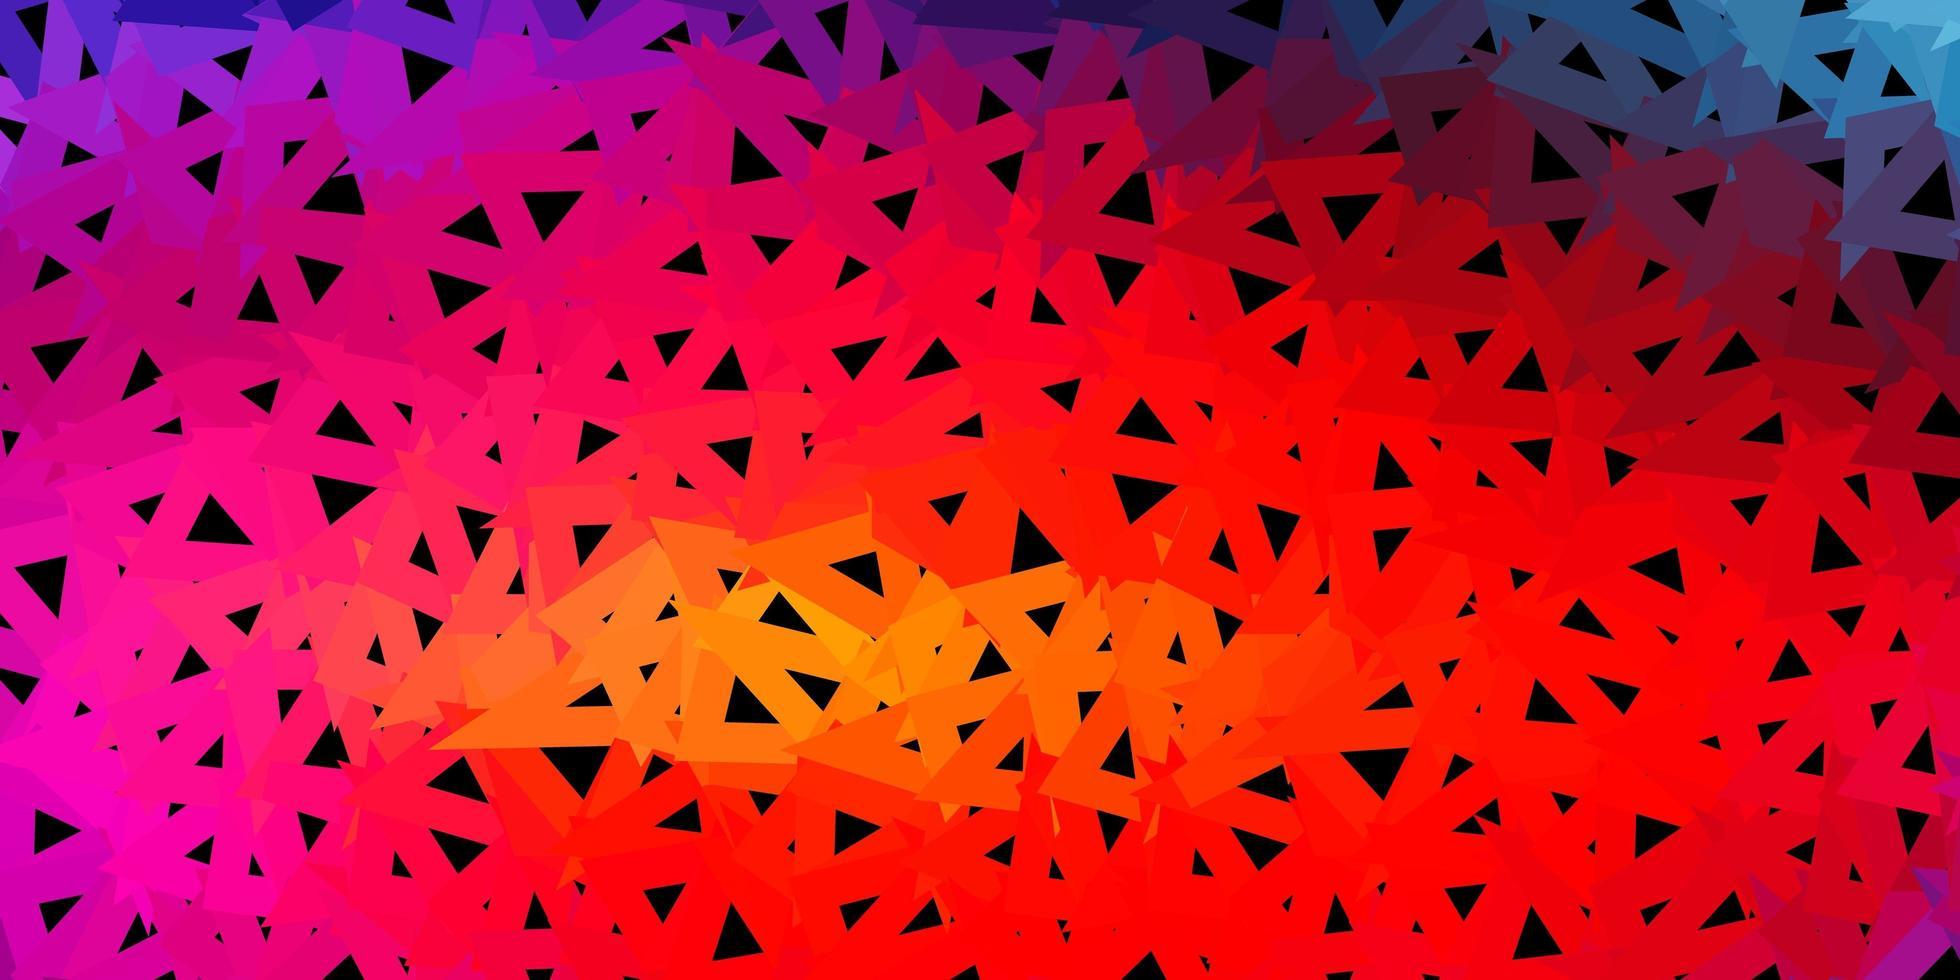 ljus flerfärgad vektor geometrisk polygonal layout.